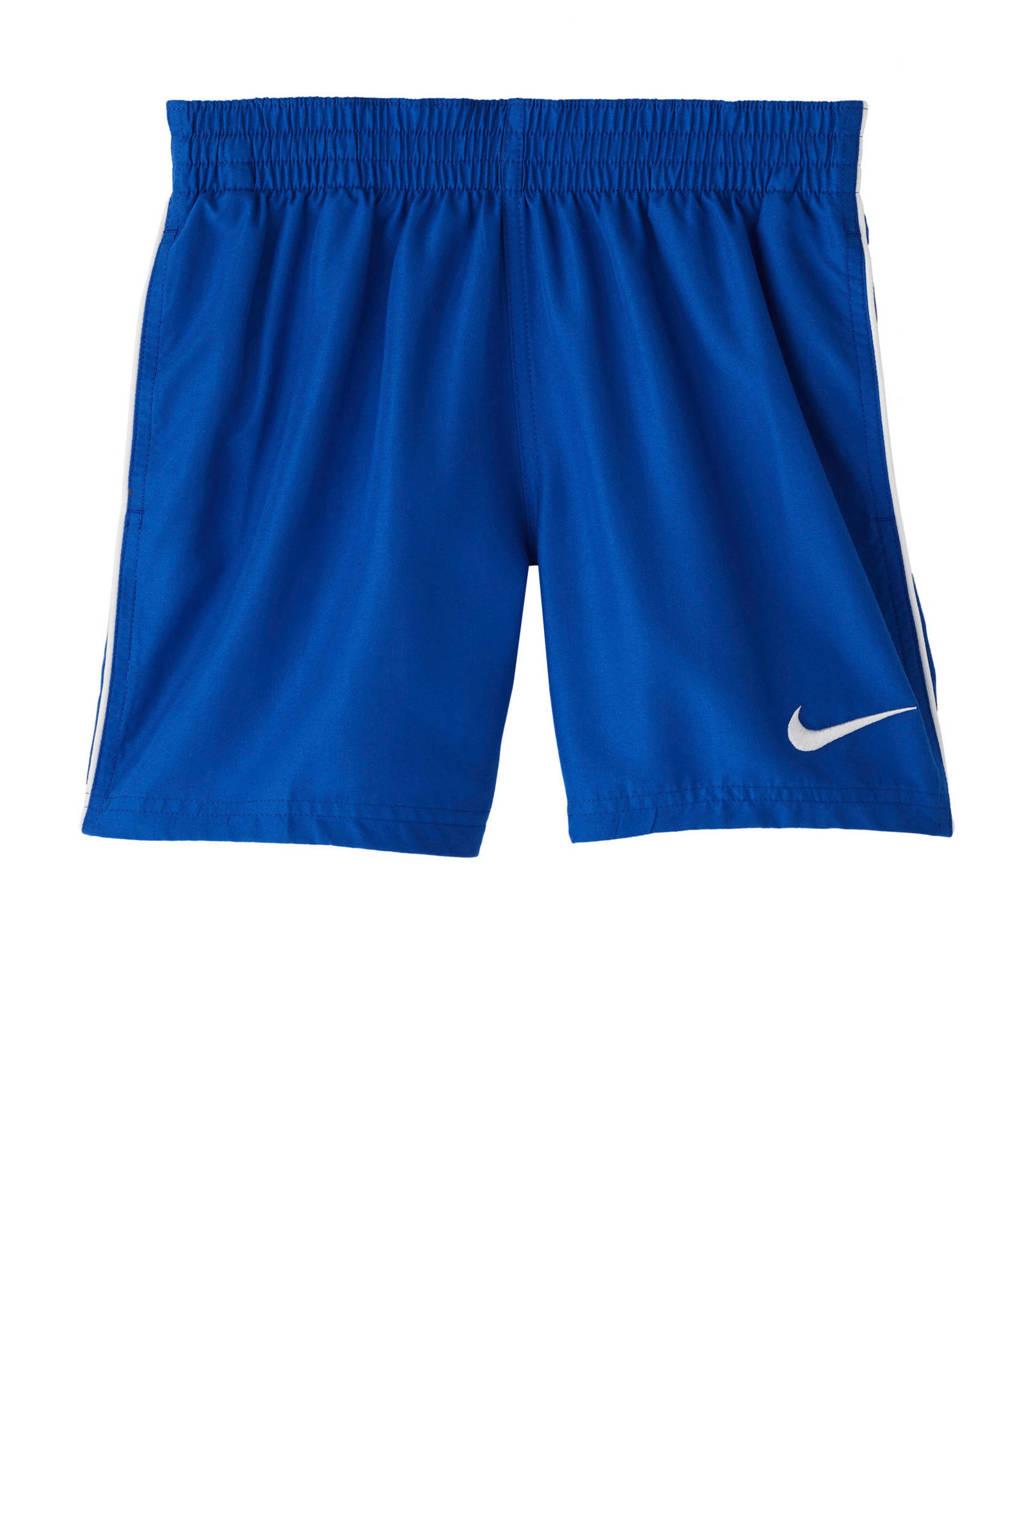 Nike zwemshort Essential kobaltblauw, Kobaltblauw